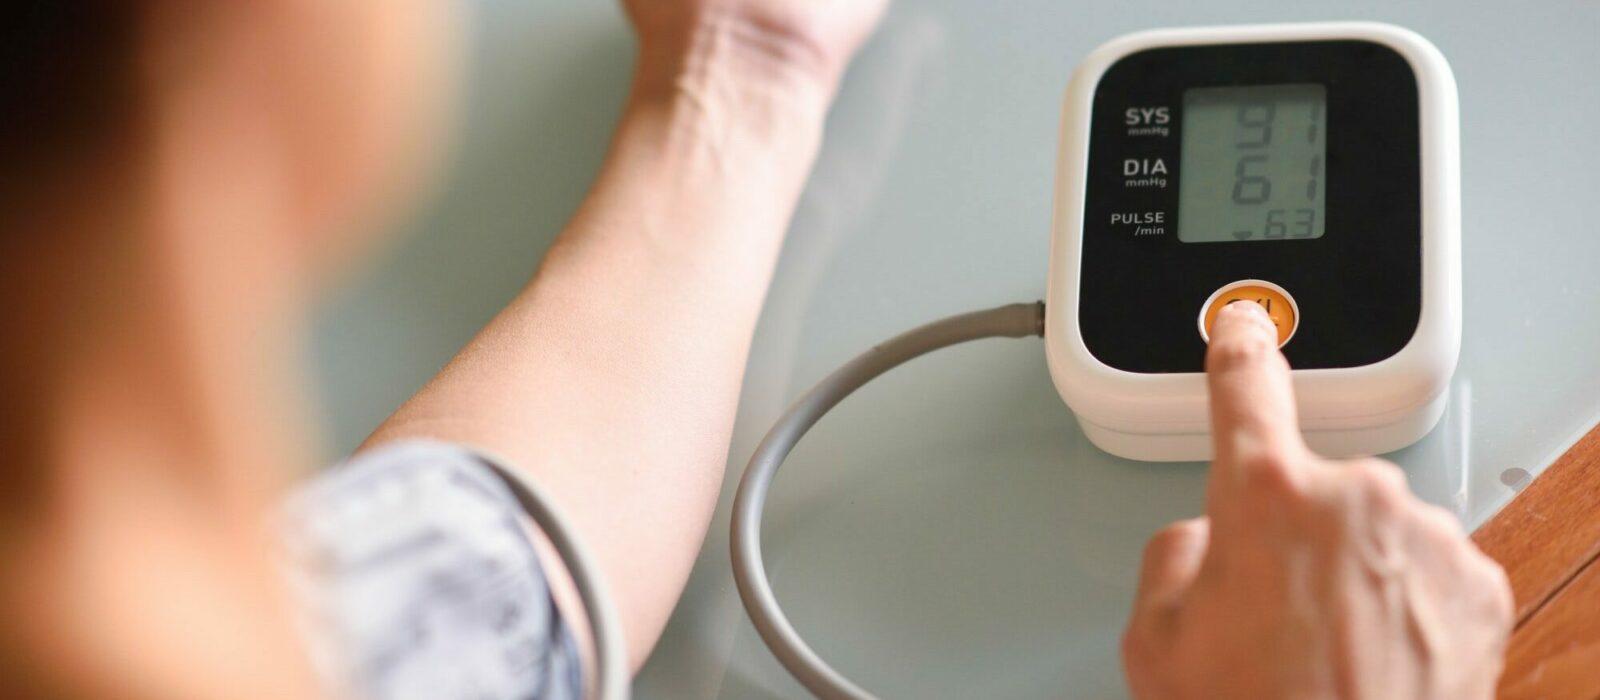 Symbolbild Blutdruckmessung zeigt eine Person, die sich den Blutdruck misst